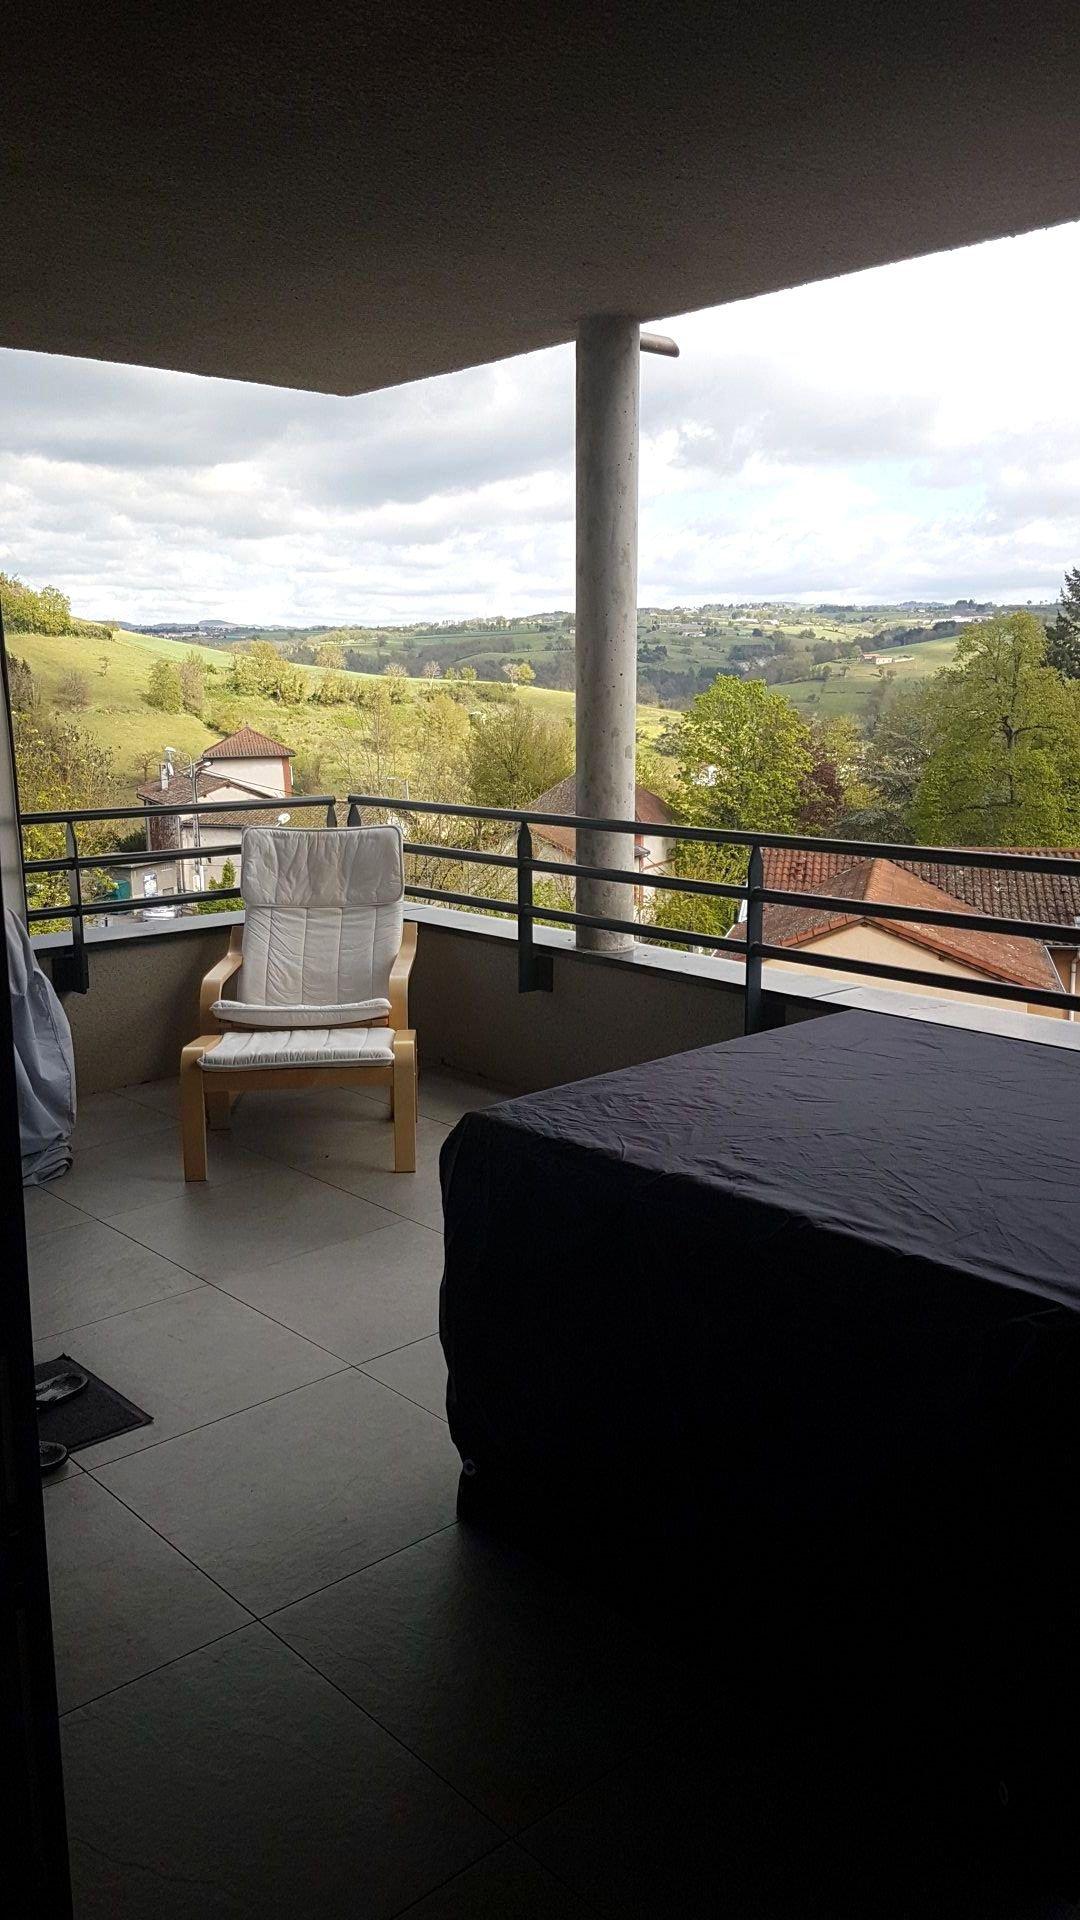 SAINT-GALMIER - Appartement NEUF T3 avec terrasse